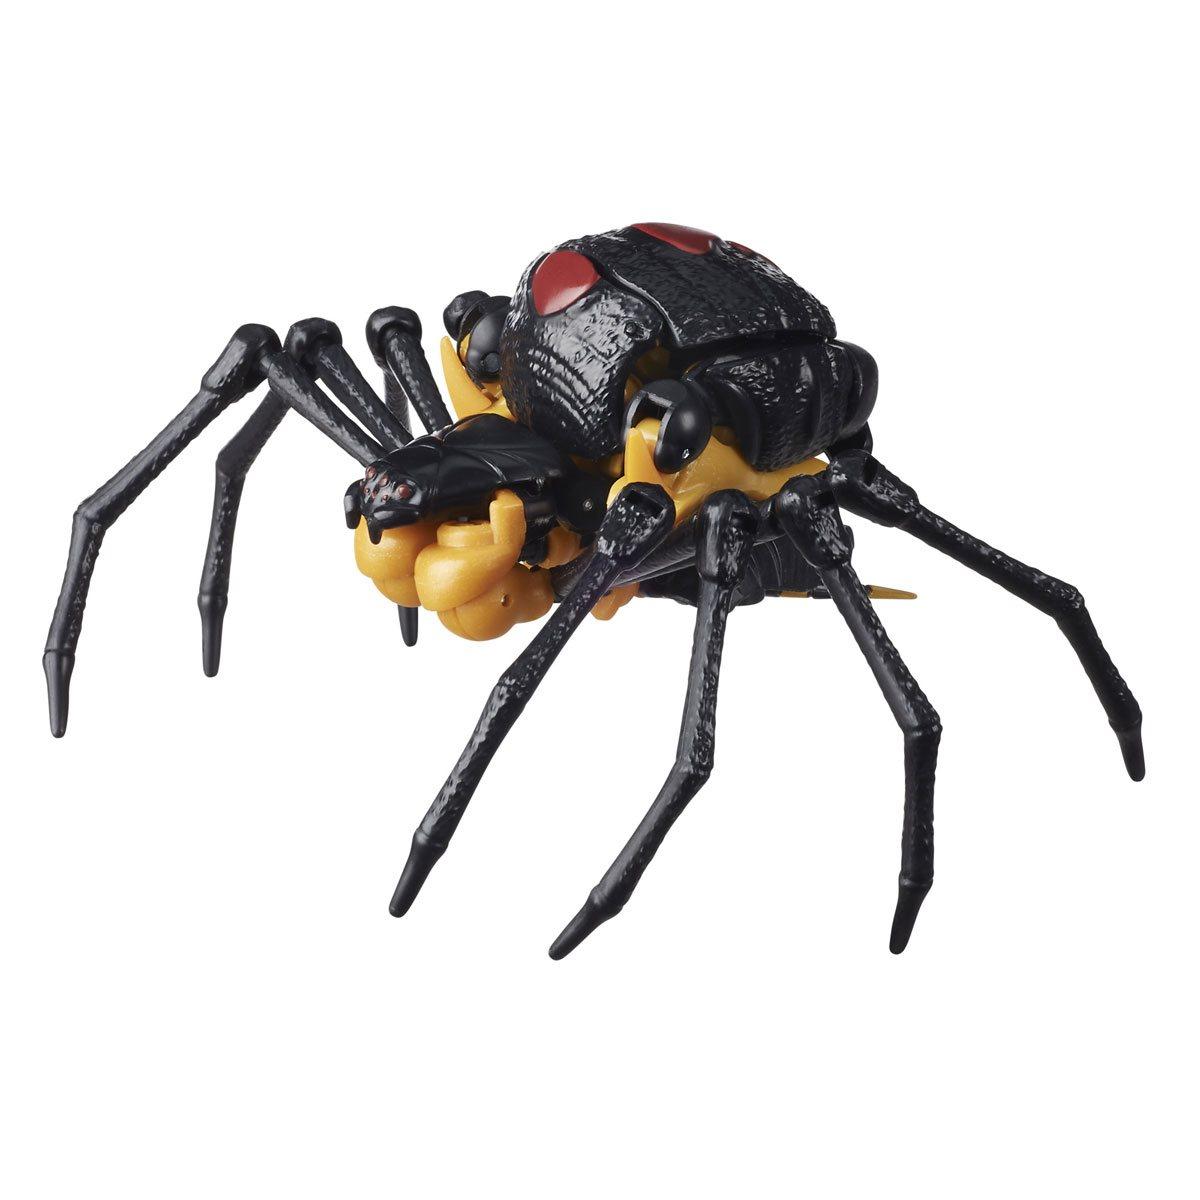 Transformers Kingdom War For Cybertron arachnia - Hasbro F0670